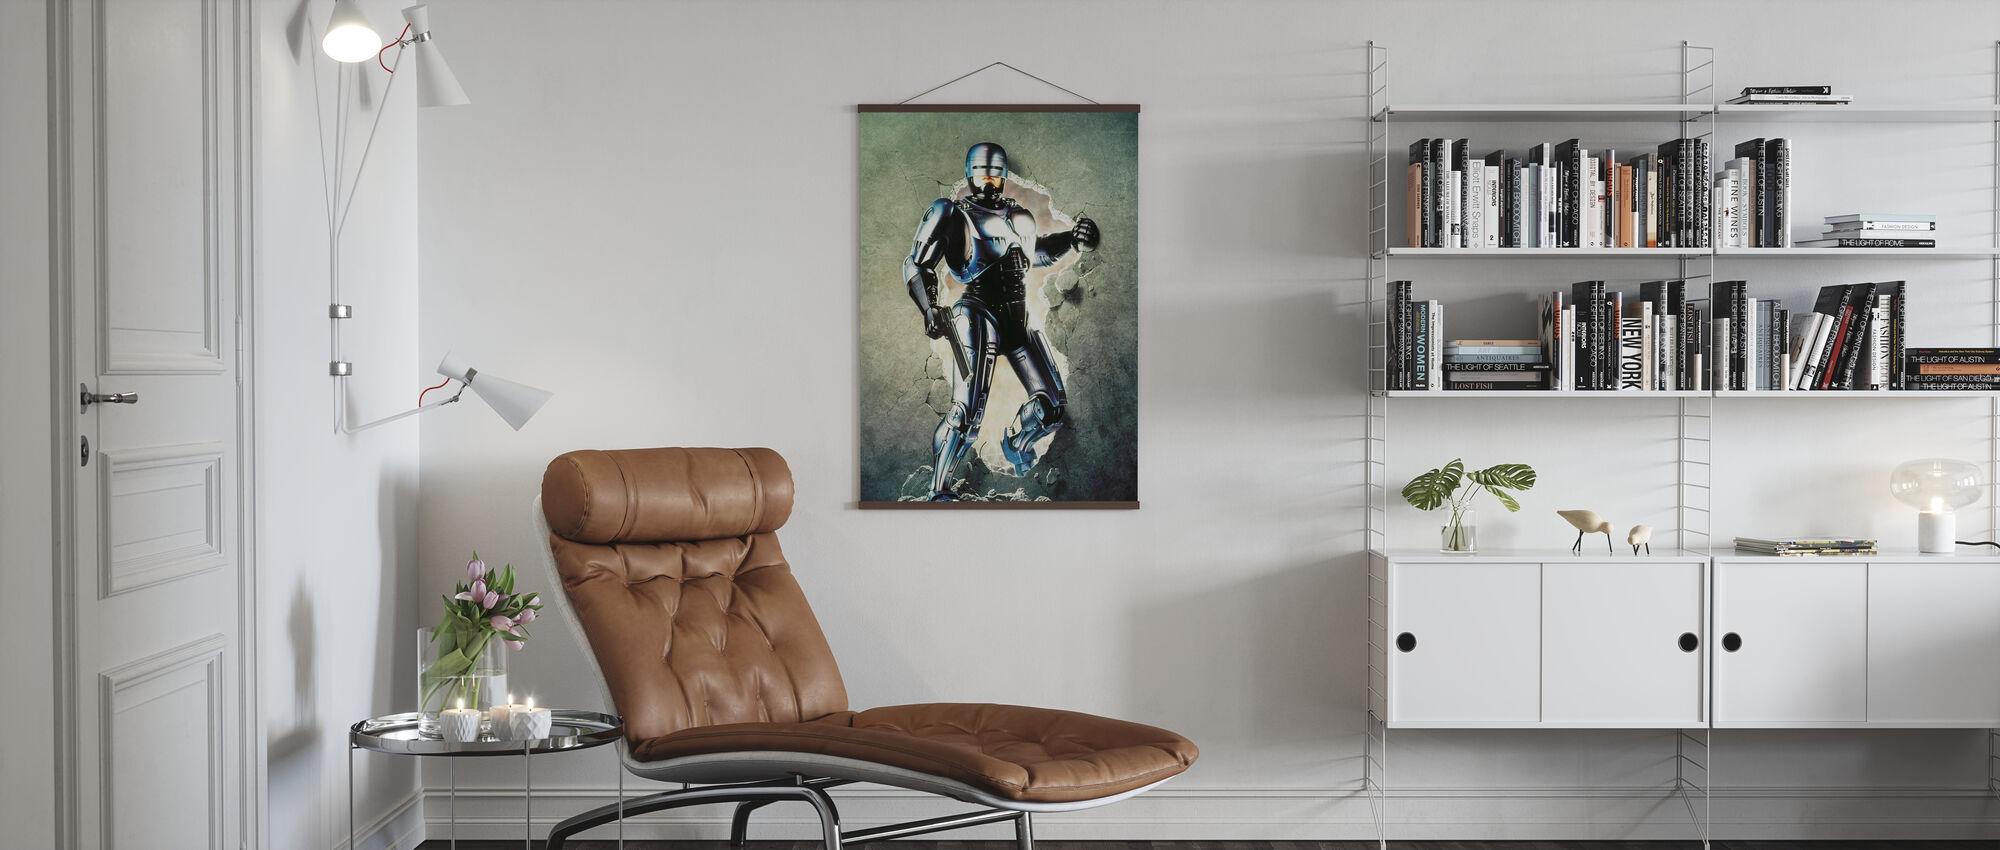 Peter Weller en Robocop 2 - Poster - Woonkamer